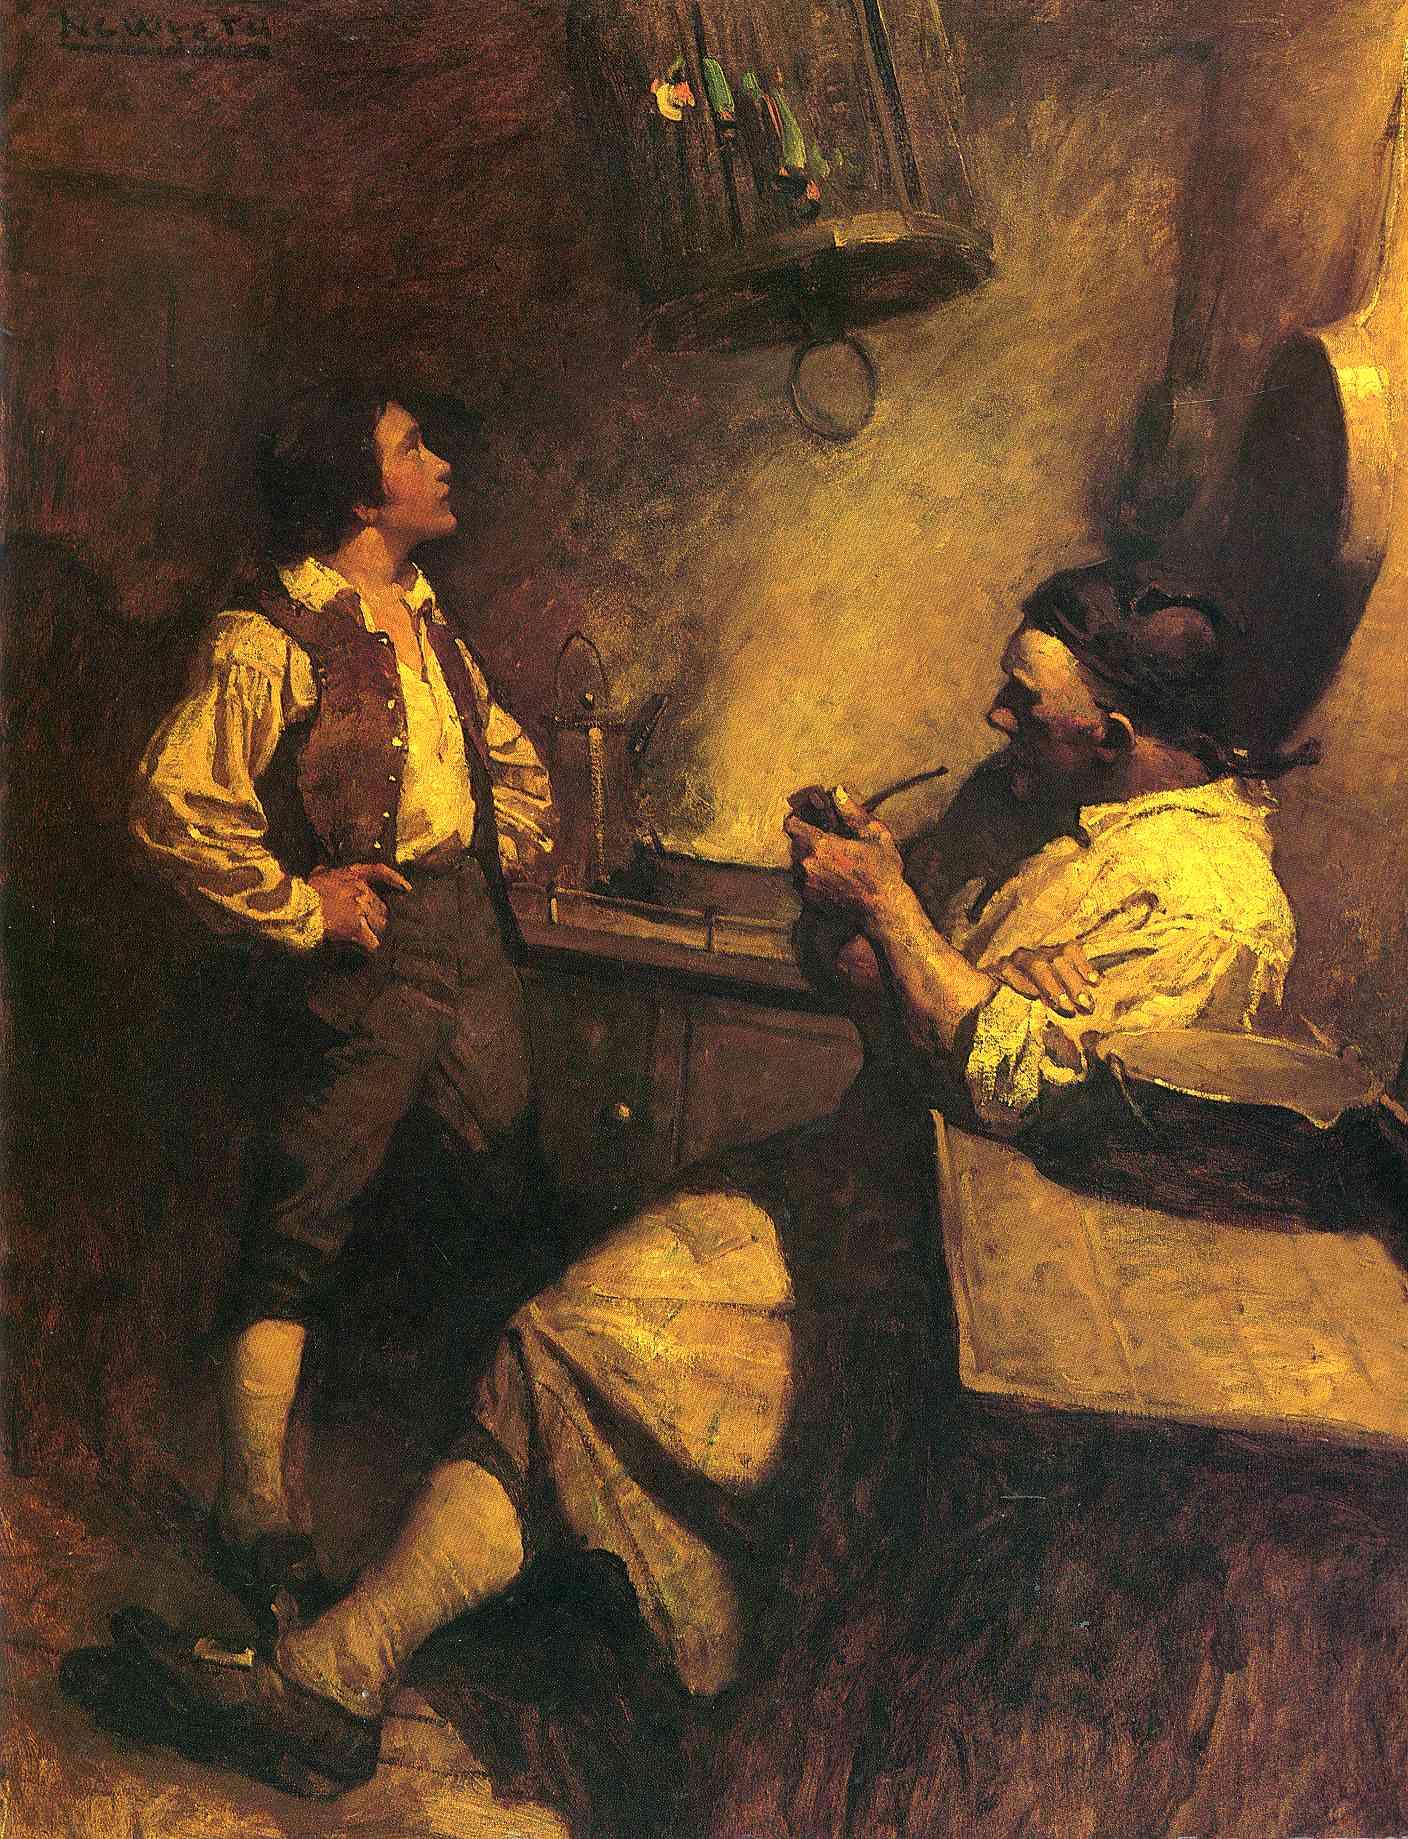 Jim Hawkins, Long John Silver y su loro. Cuadro de N. C. Wyeth